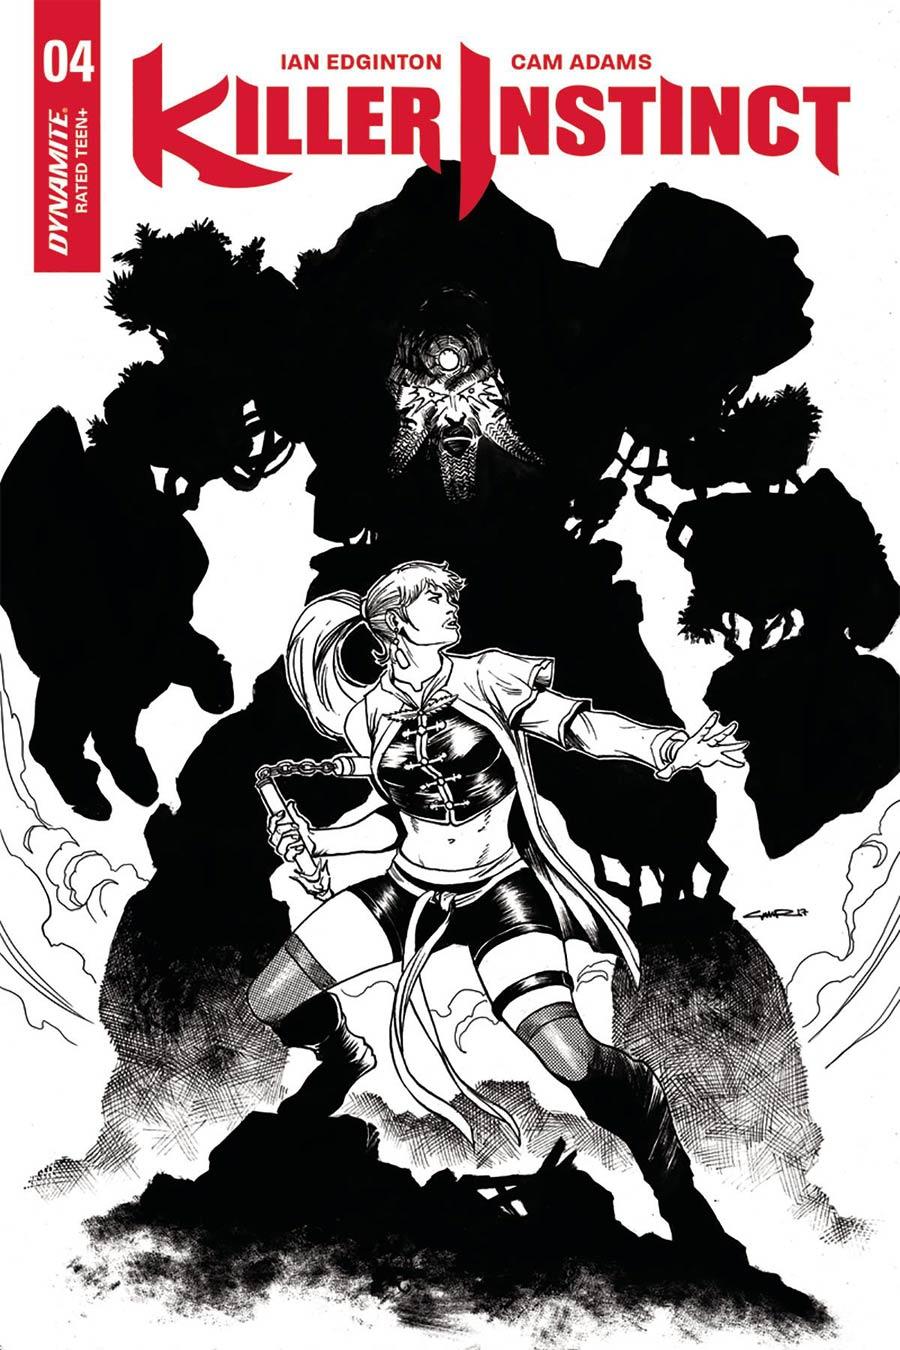 Killer Instinct Vol 2 #4 Cover E Incentive Yildiray Cinar Black & White Cover